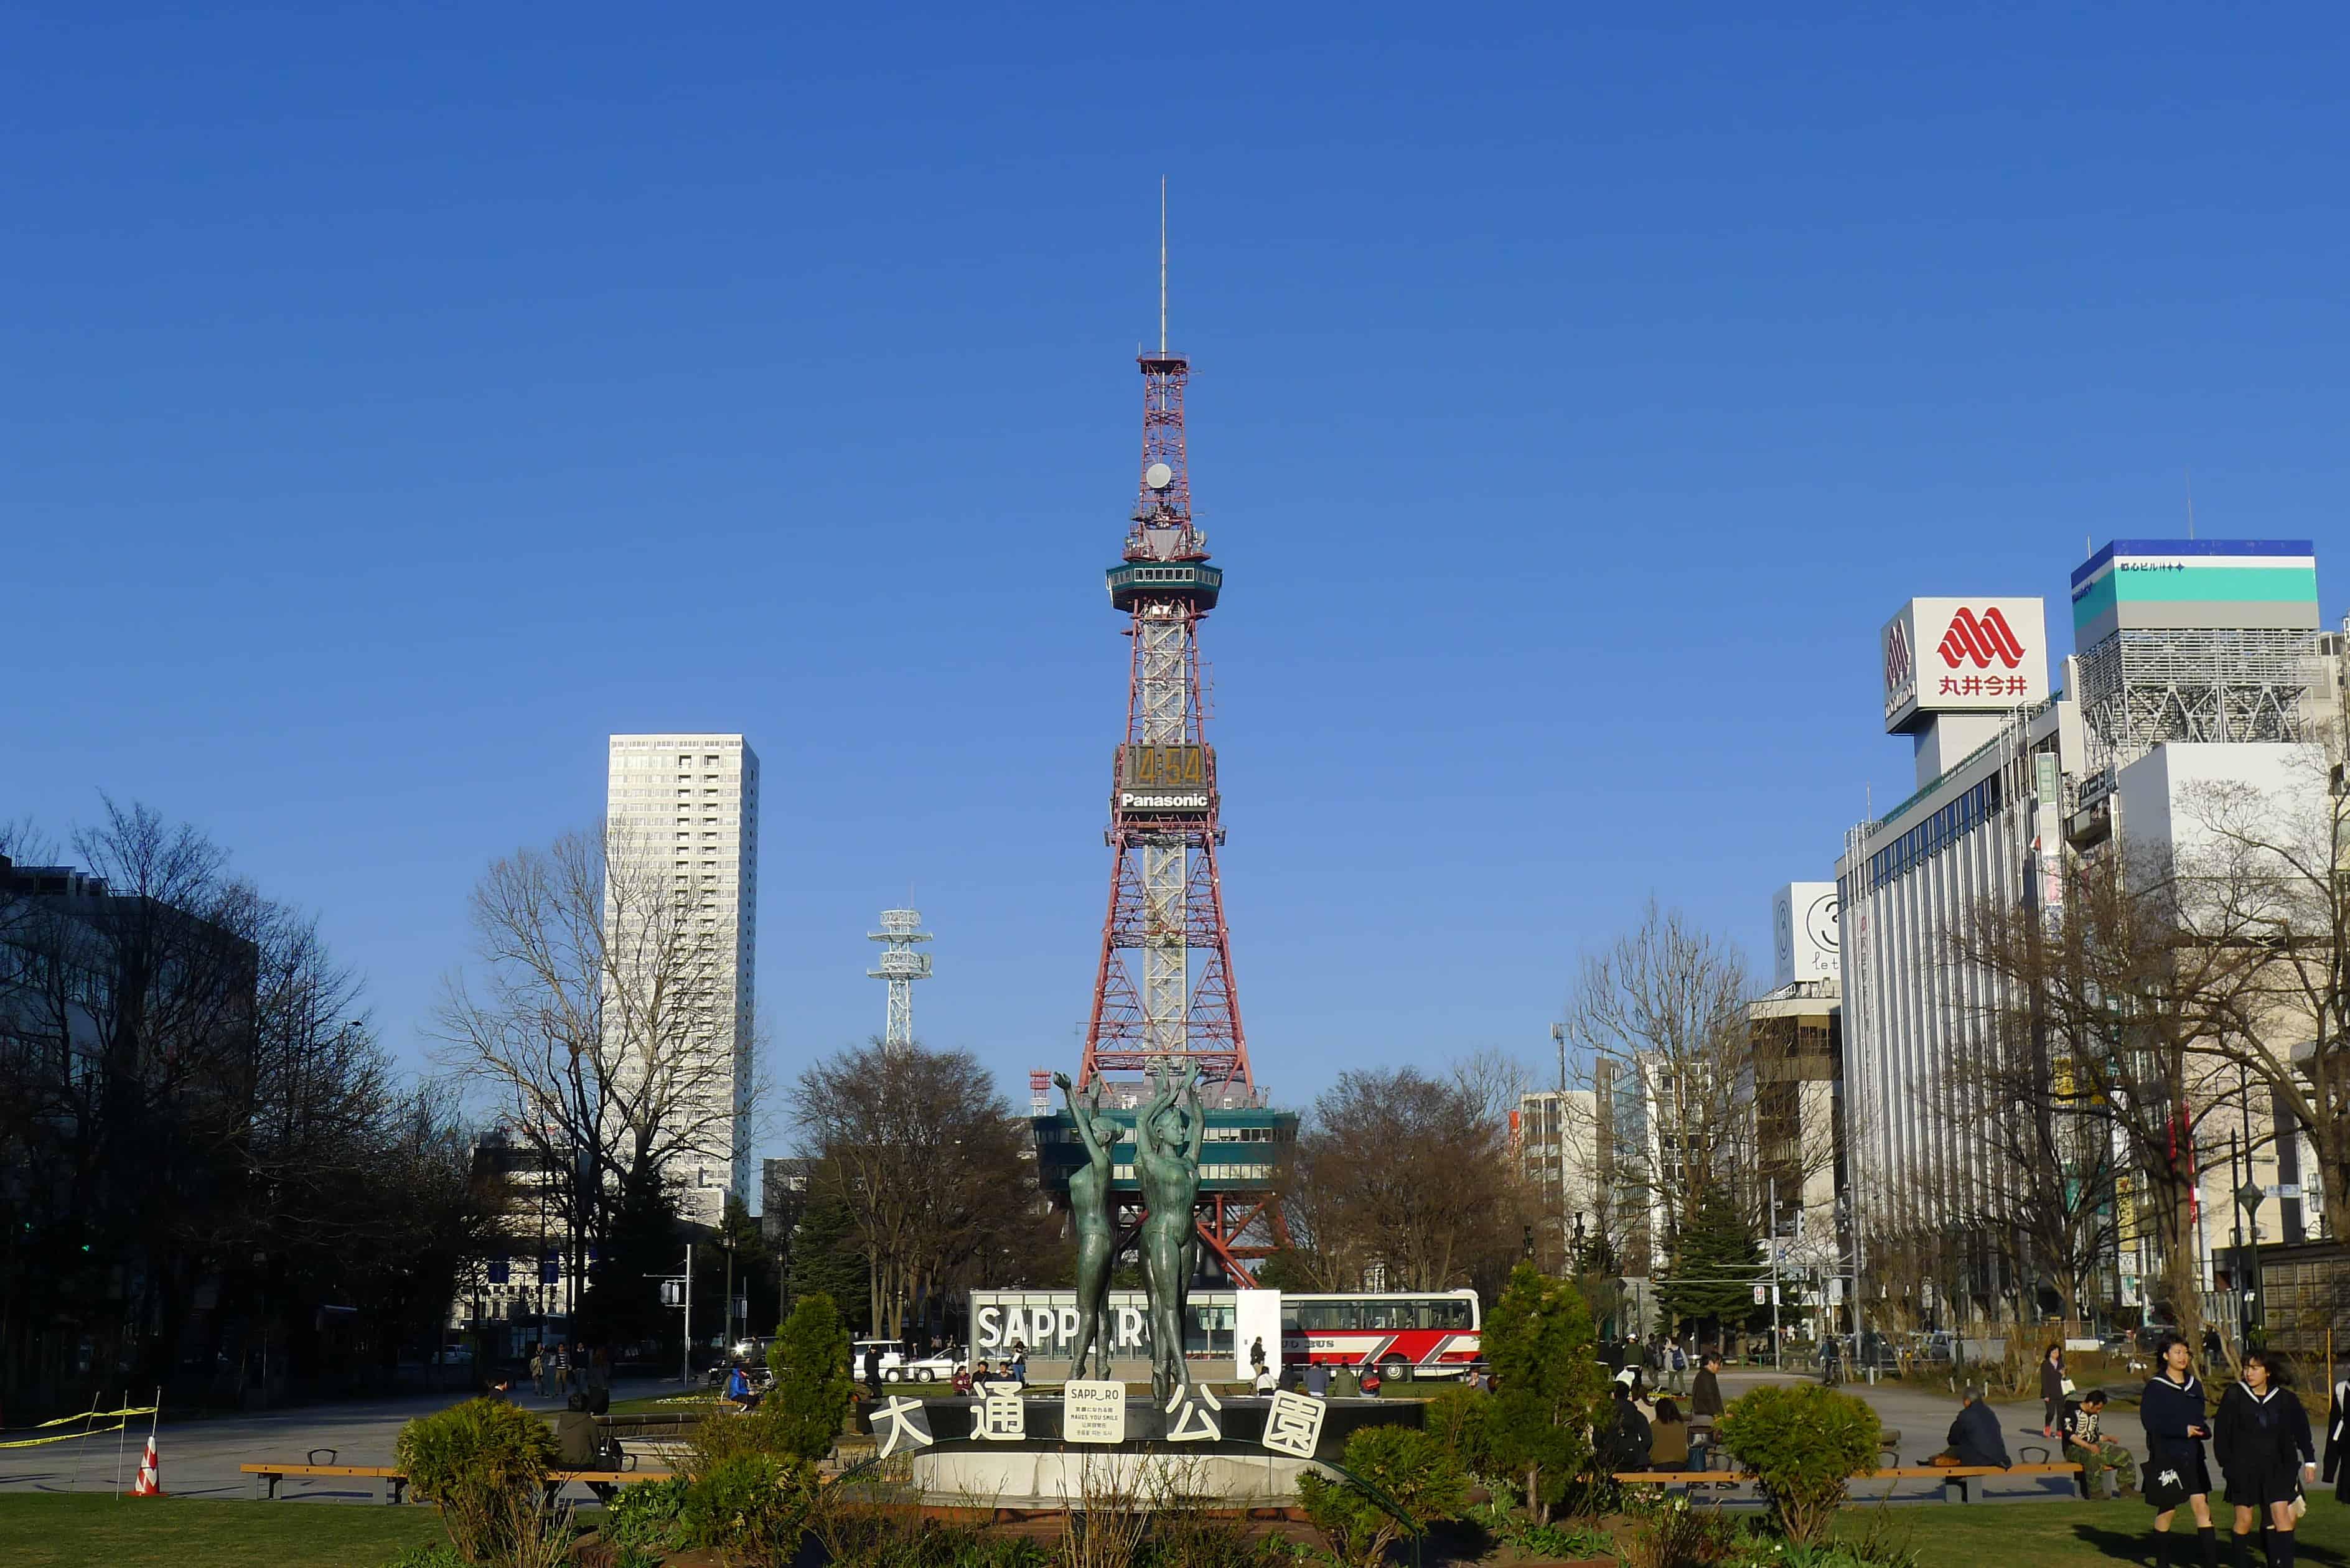 10 ทาวเวอร์ในญี่ปุ่น : Sapporo TV Tower (さっぽろテレビ塔)